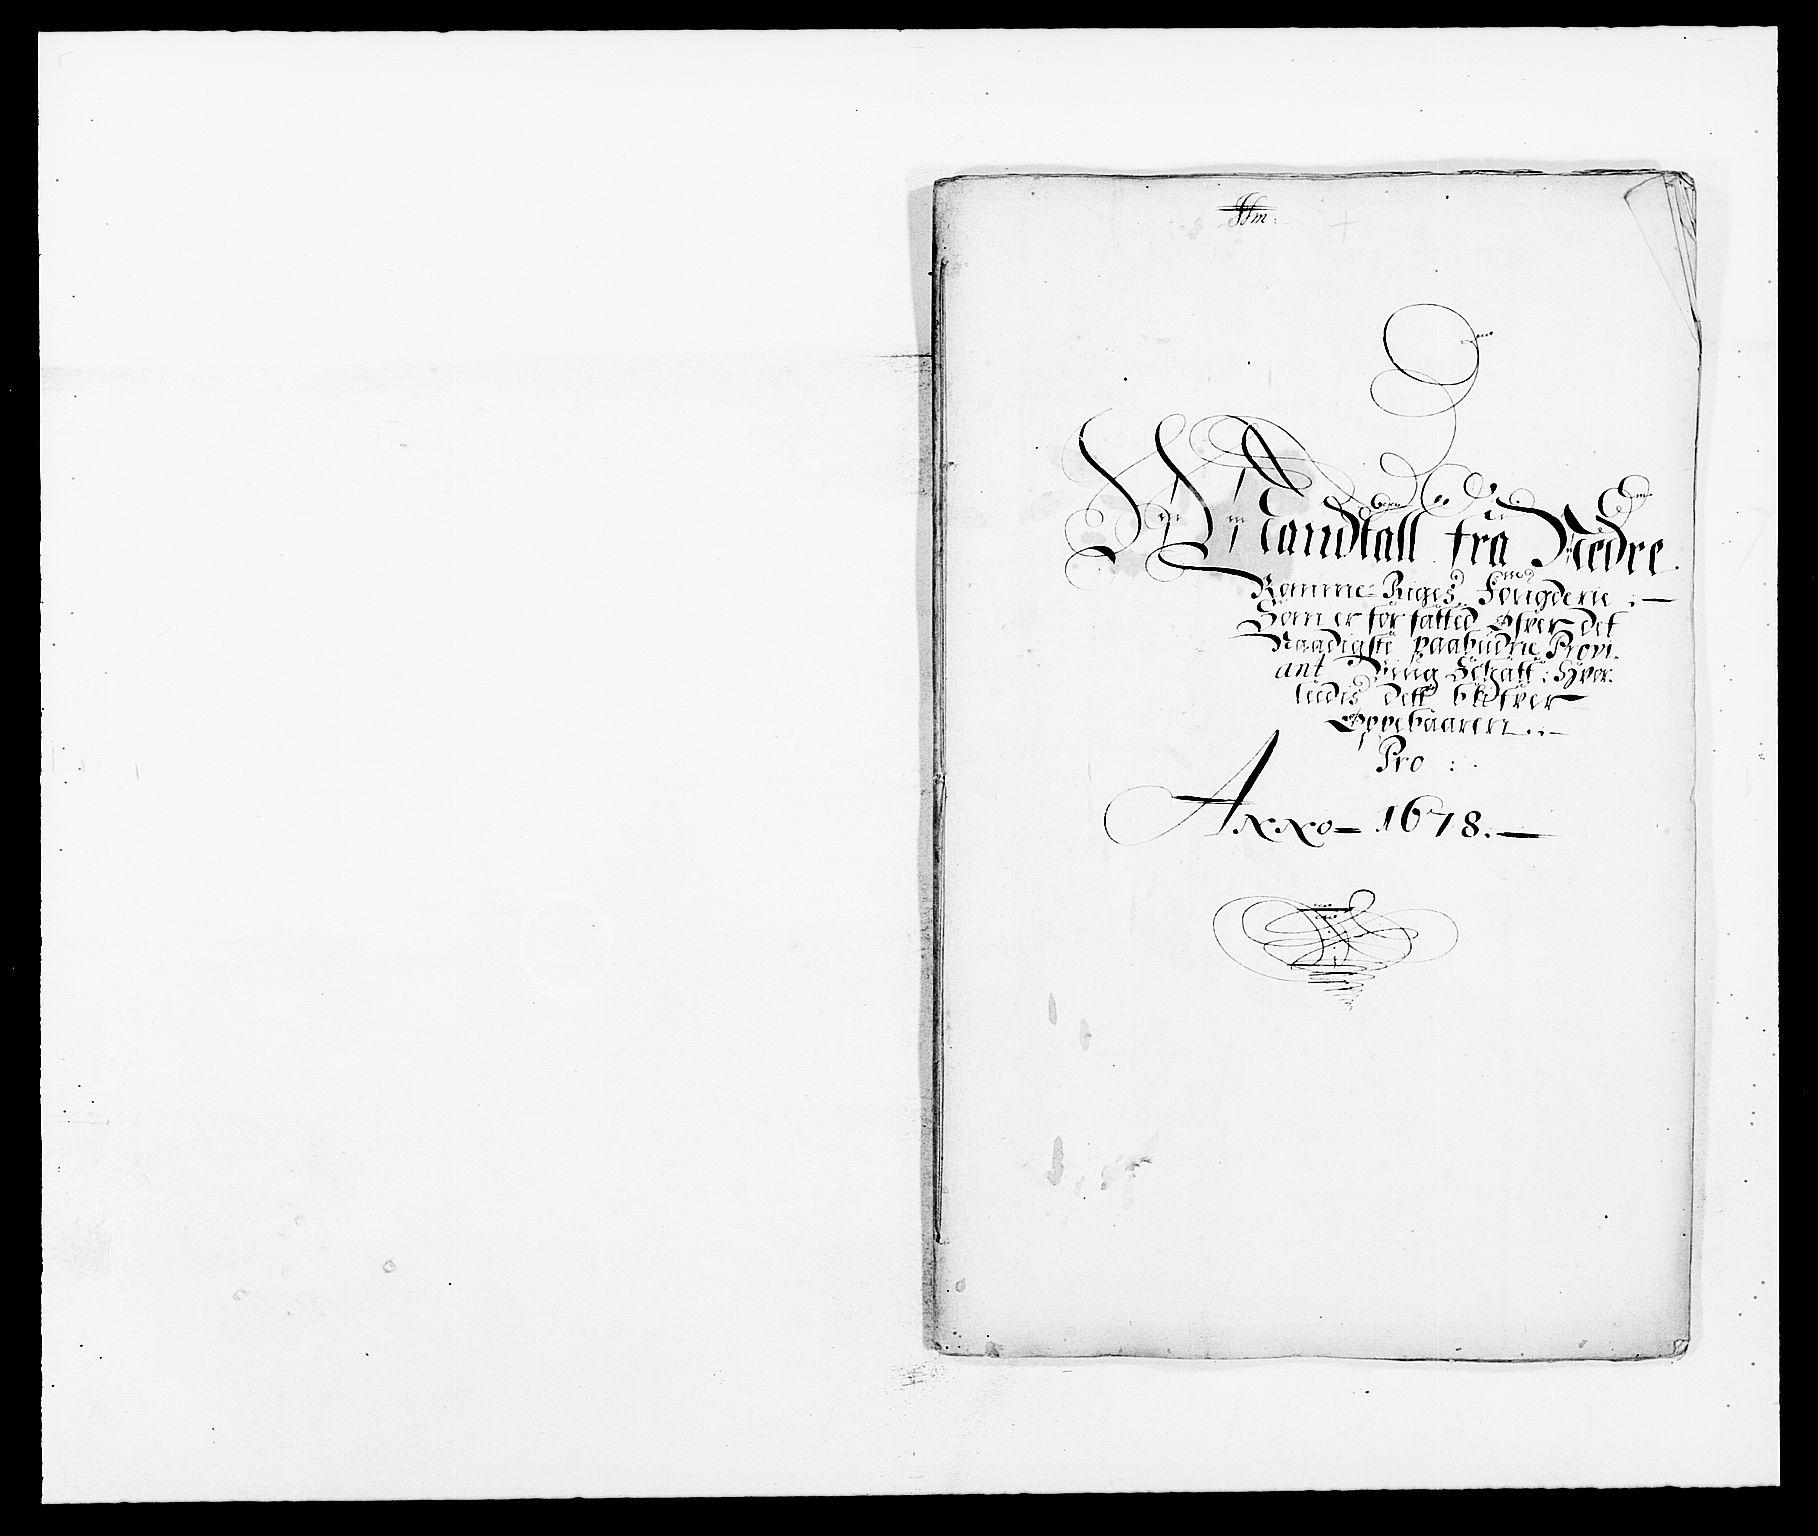 RA, Rentekammeret inntil 1814, Reviderte regnskaper, Fogderegnskap, R11/L0567: Fogderegnskap Nedre Romerike, 1678, s. 181